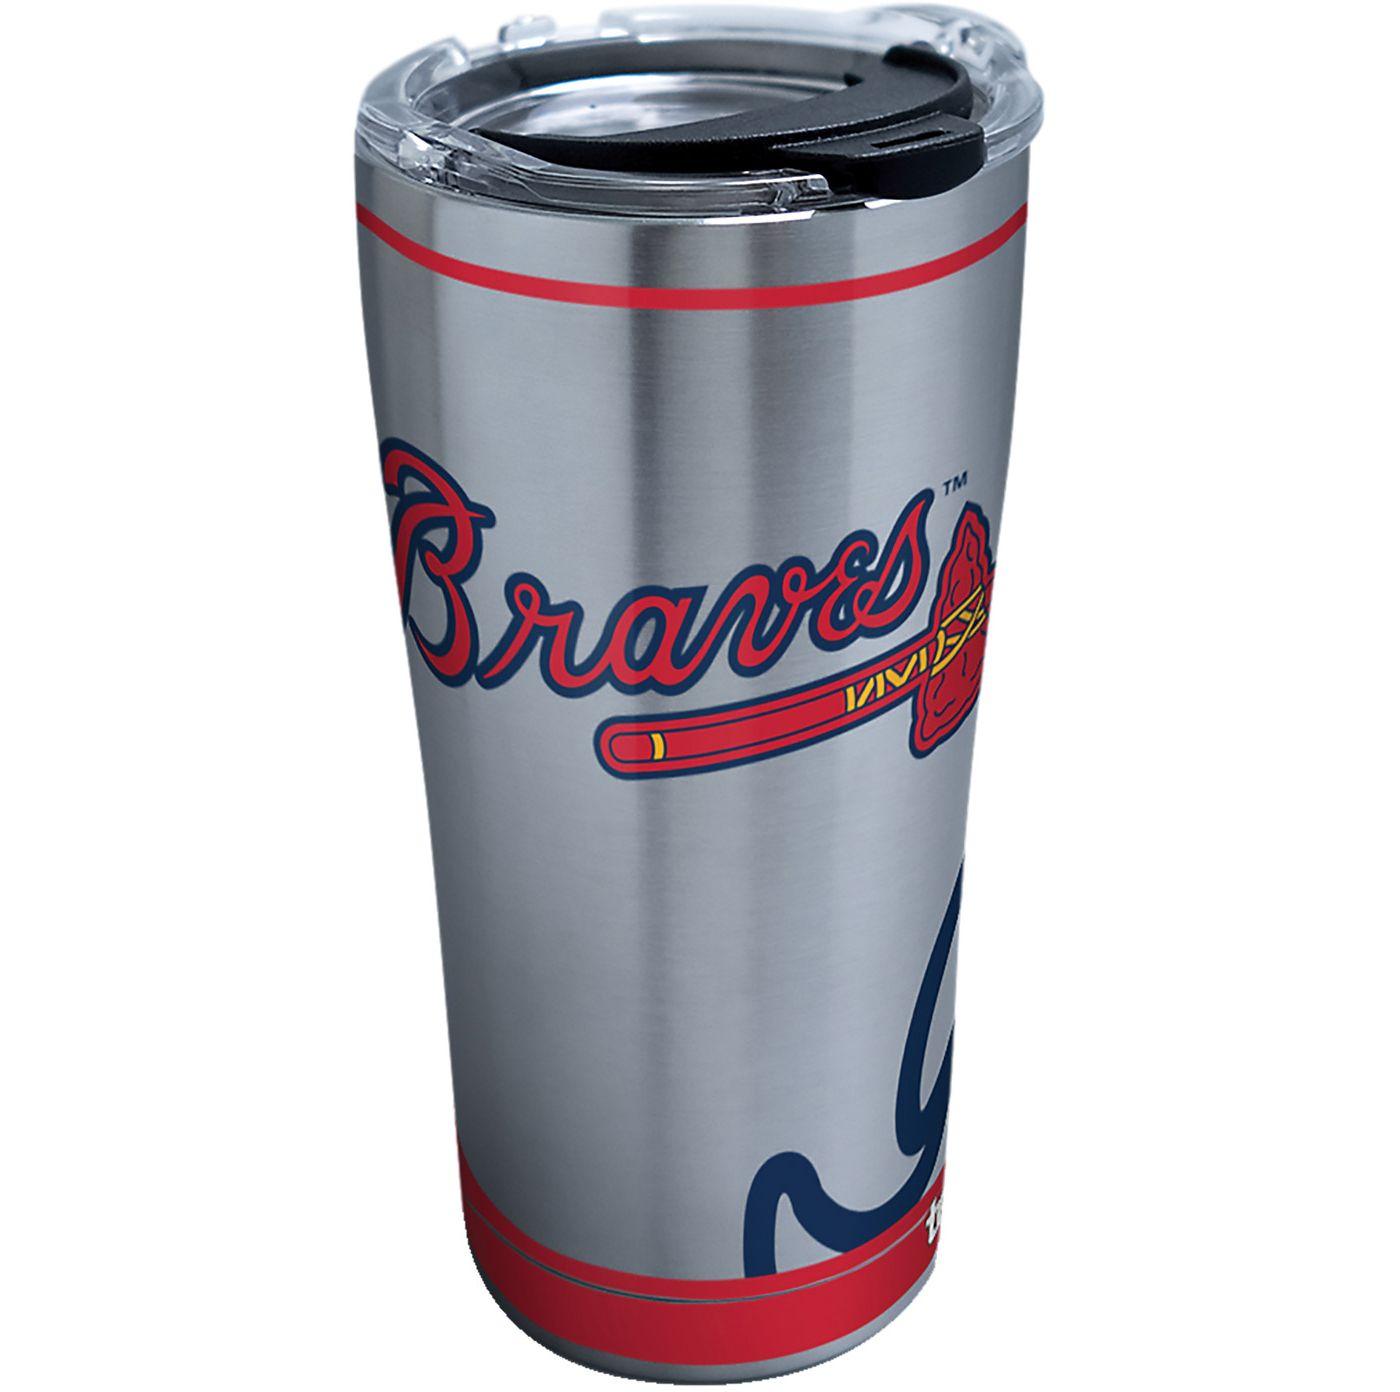 Tervis Atlanta Braves 20oz. Stainless Steel Tumbler